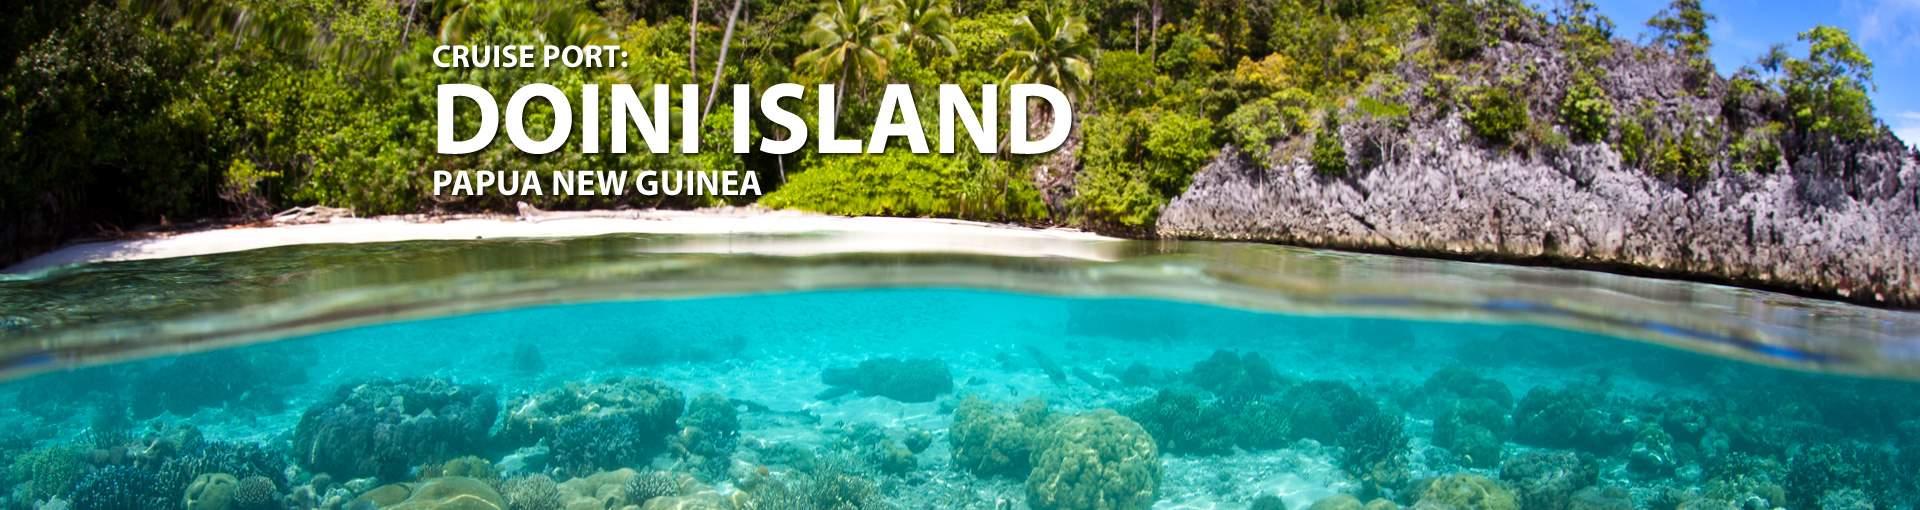 Cruises to Doini Island, Papua New Guinea